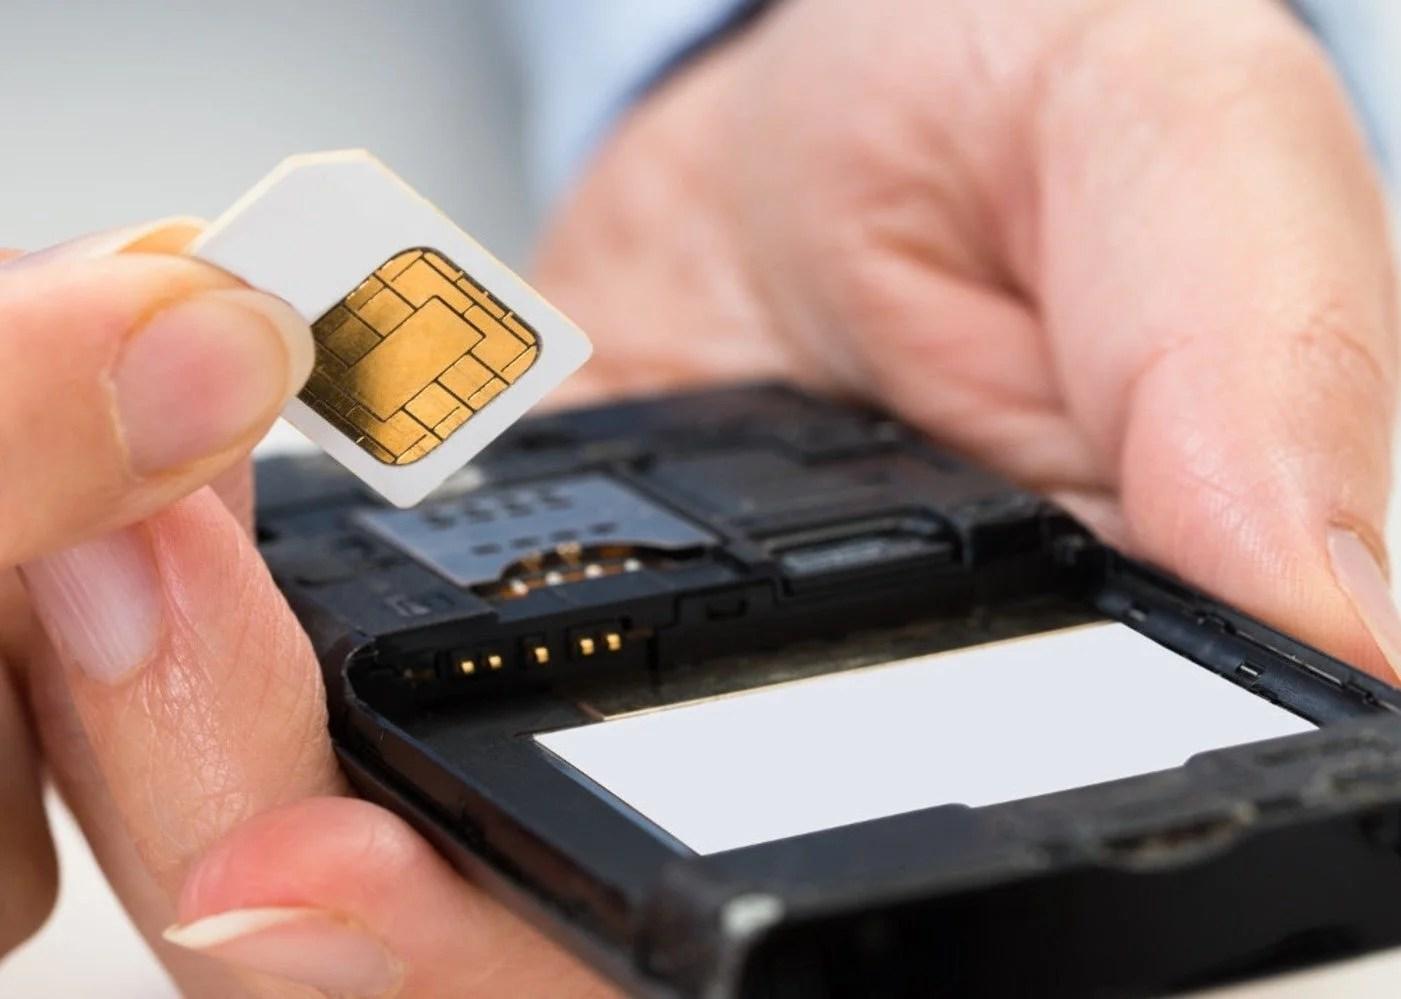 Qué es SIM Swapping